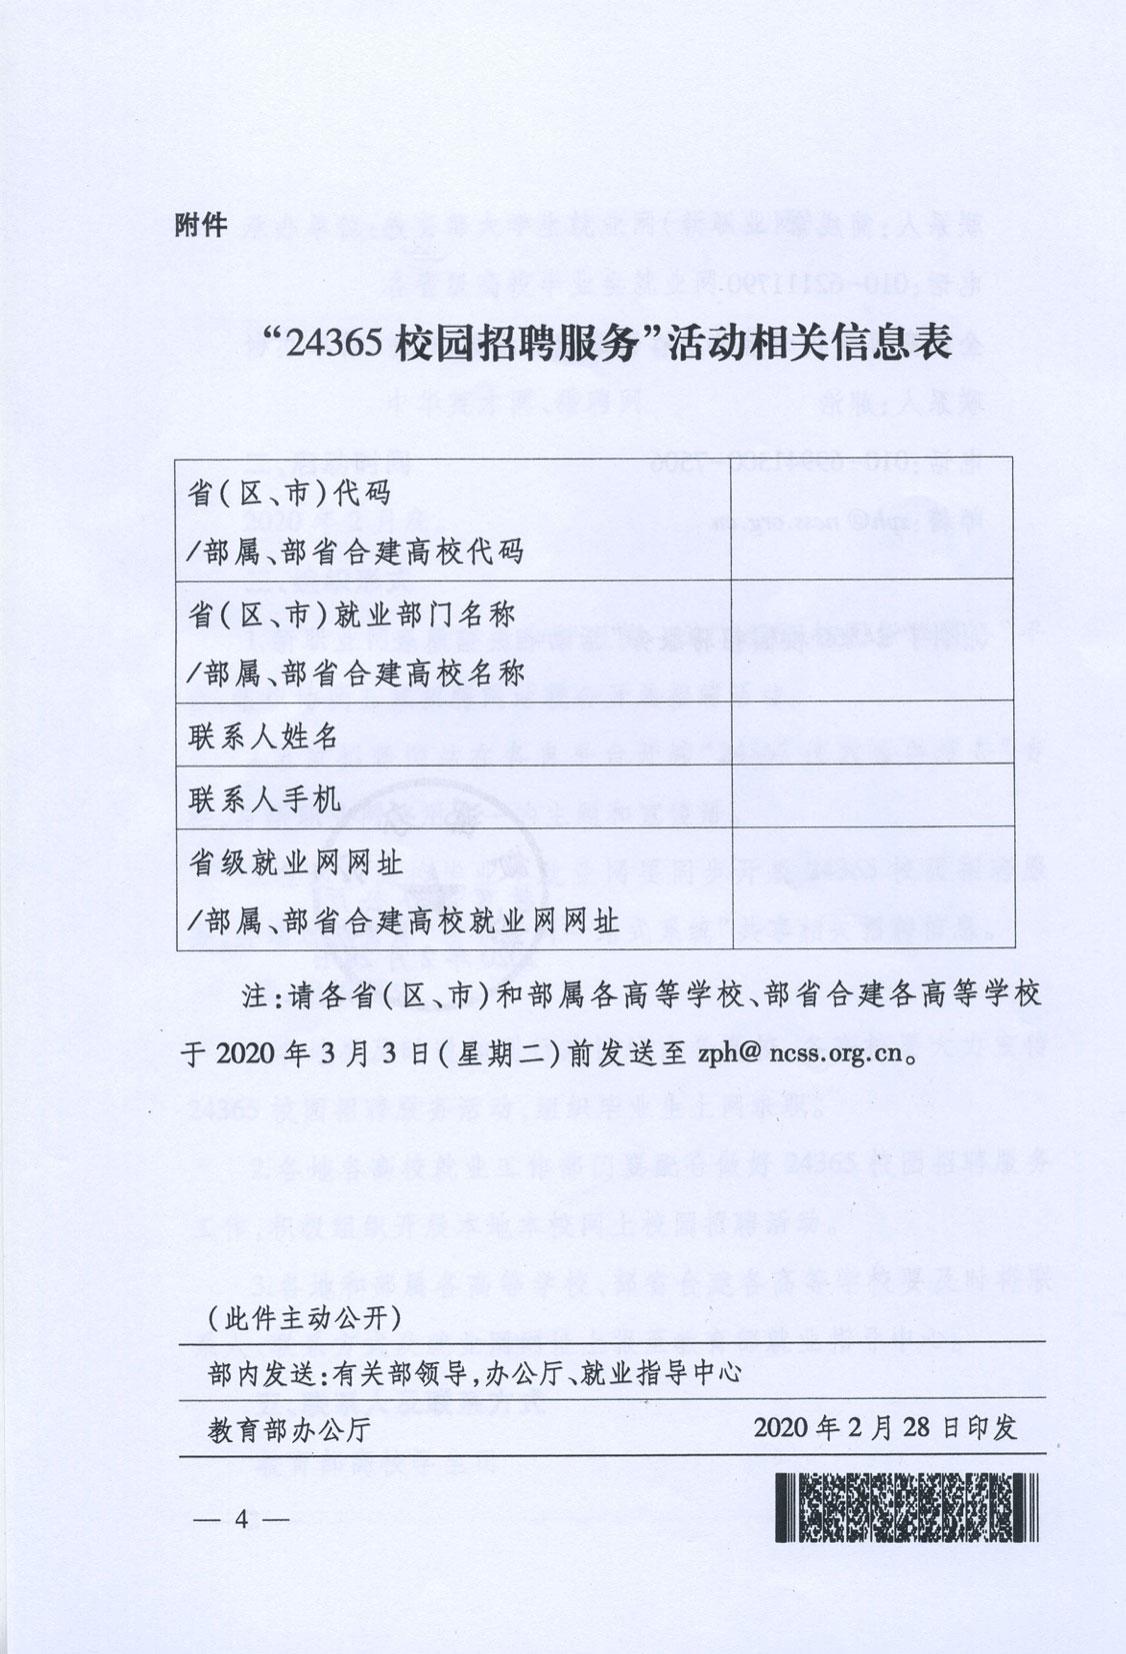 联合招聘活动通知4